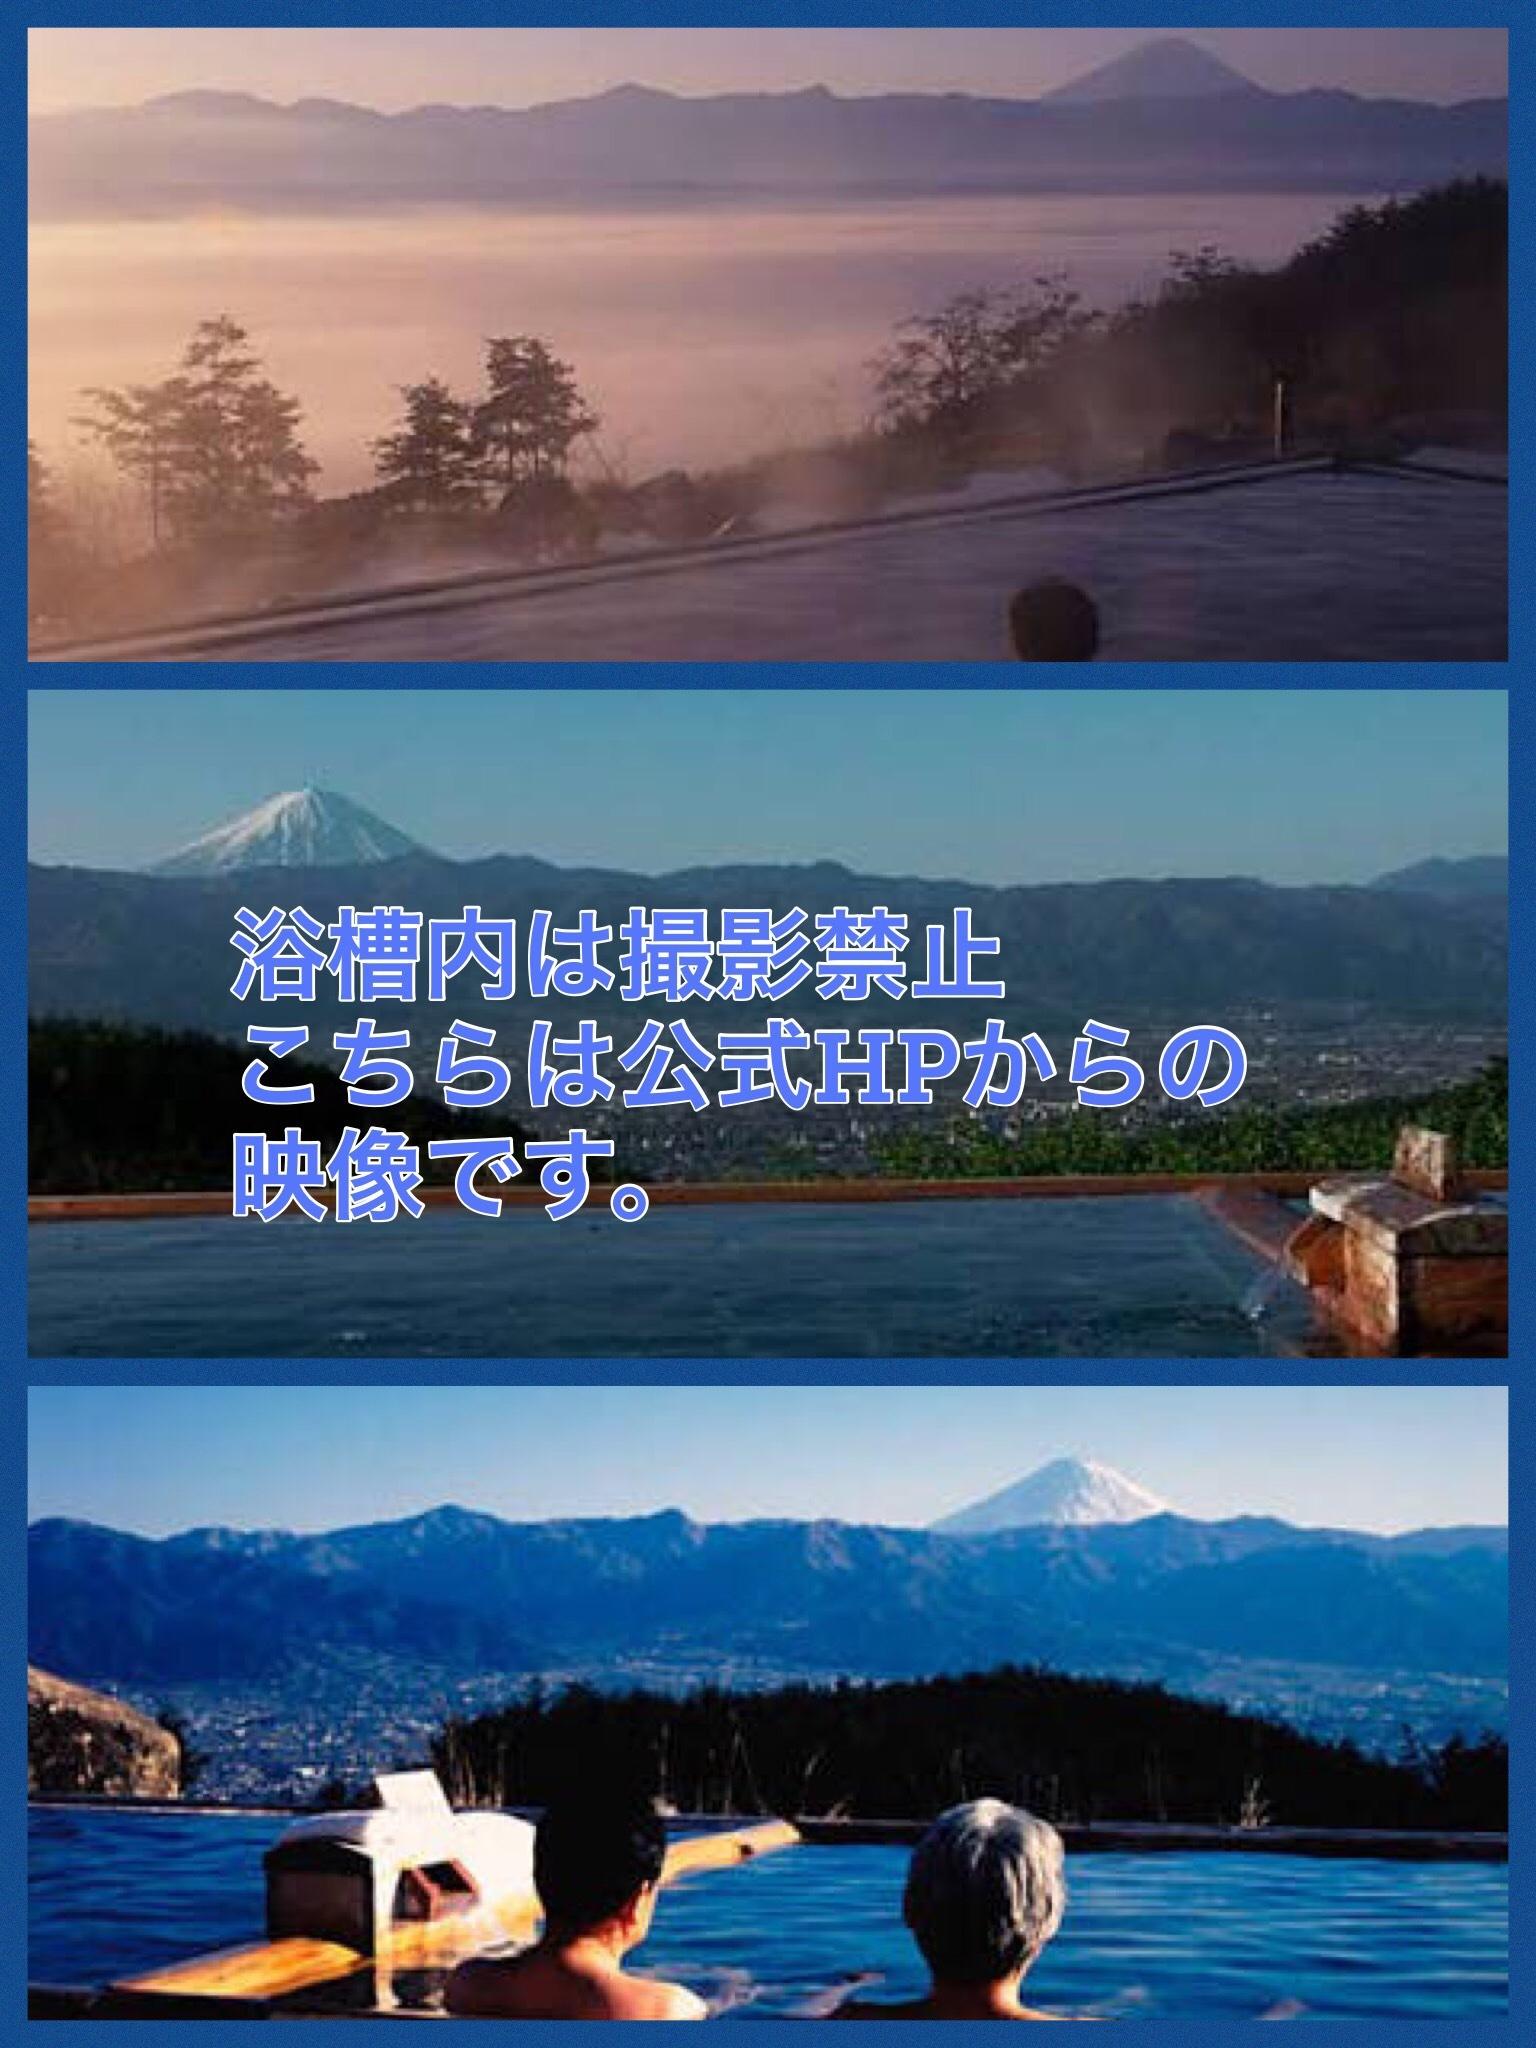 Yamanashi hottarakashi onsen hot springs ほったらかし温泉